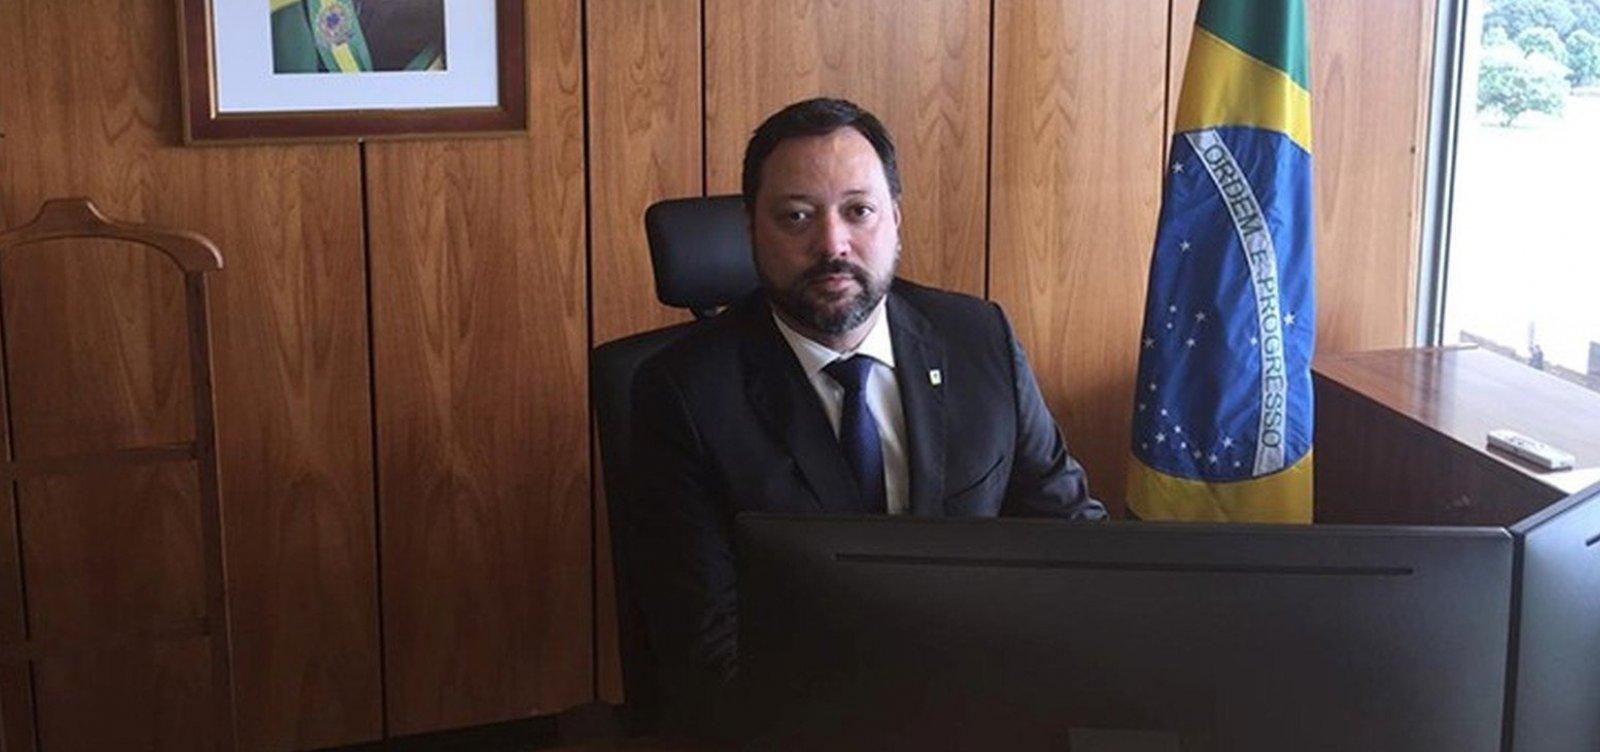 [Após pedido de demissão, novo presidente do Inep é nomeado]